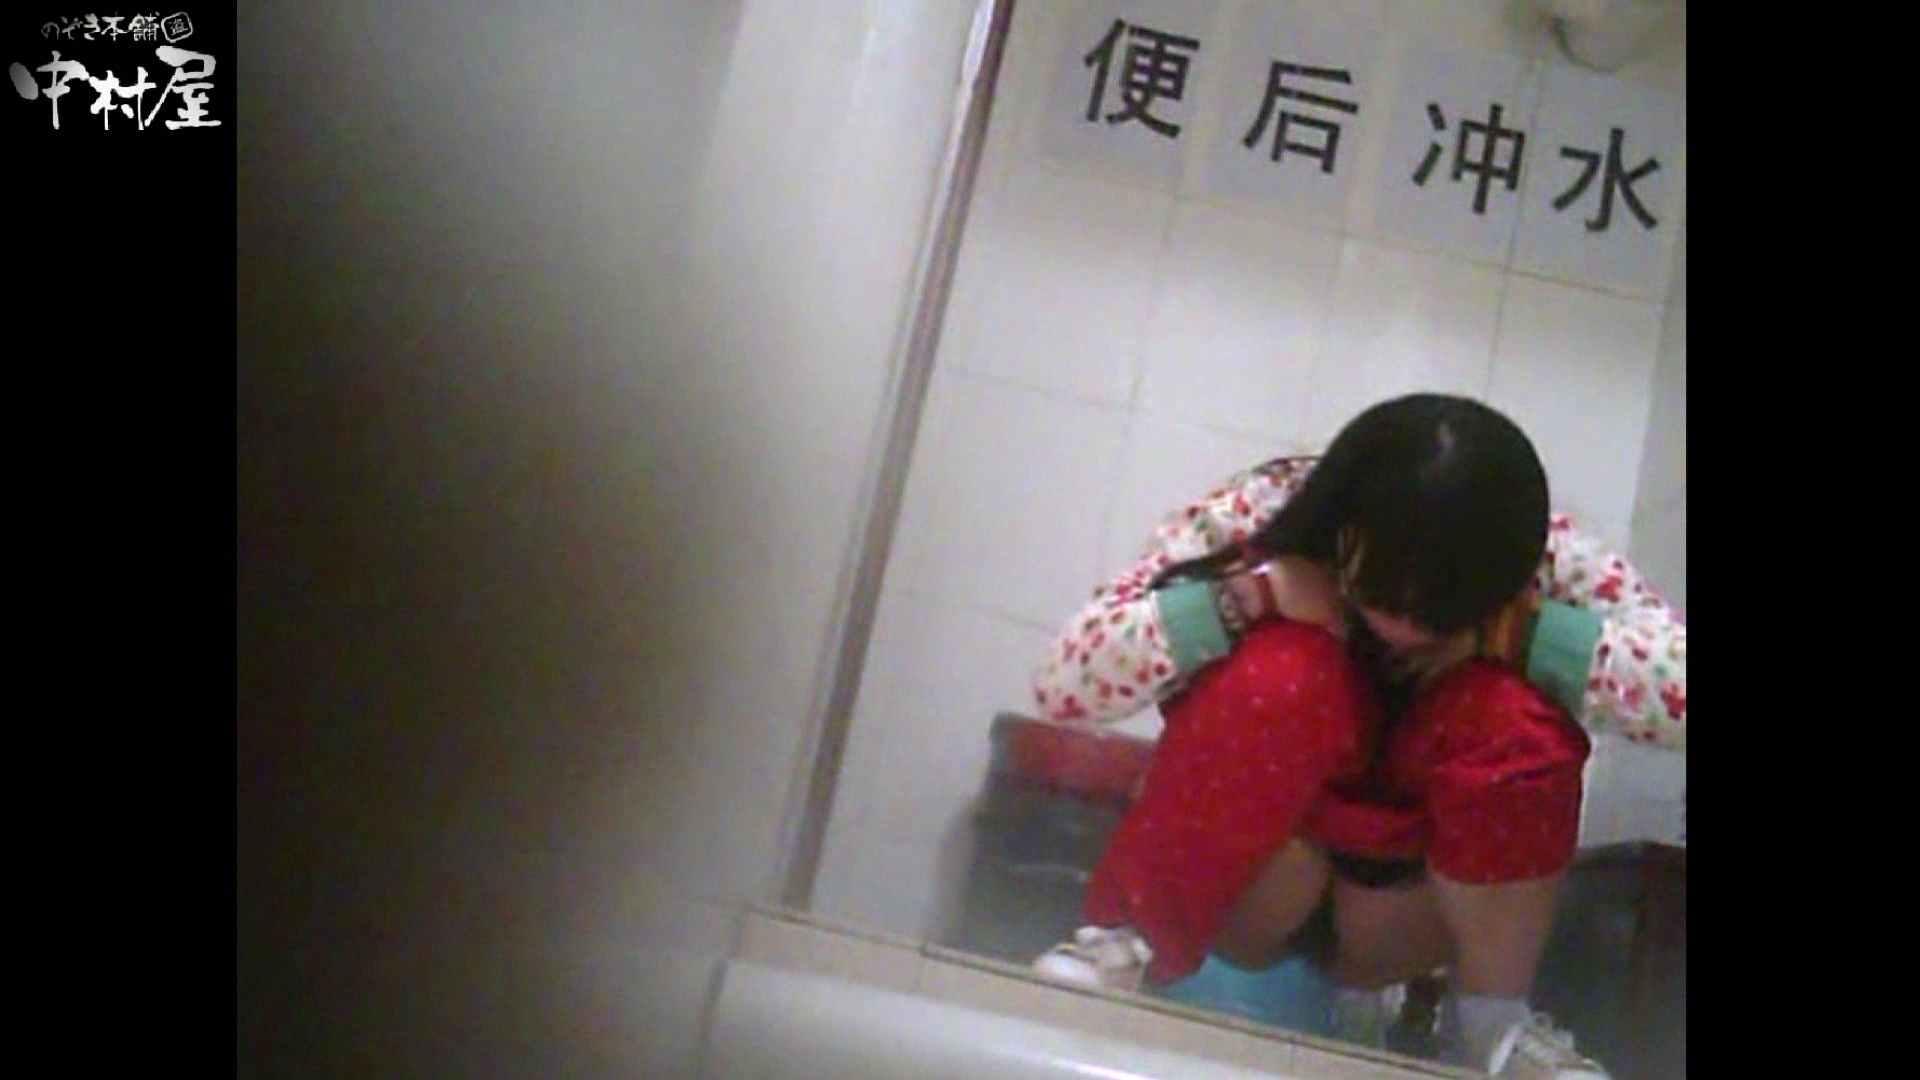 李さんの盗撮日記 Vol.01 盗撮映像  79Pix 29